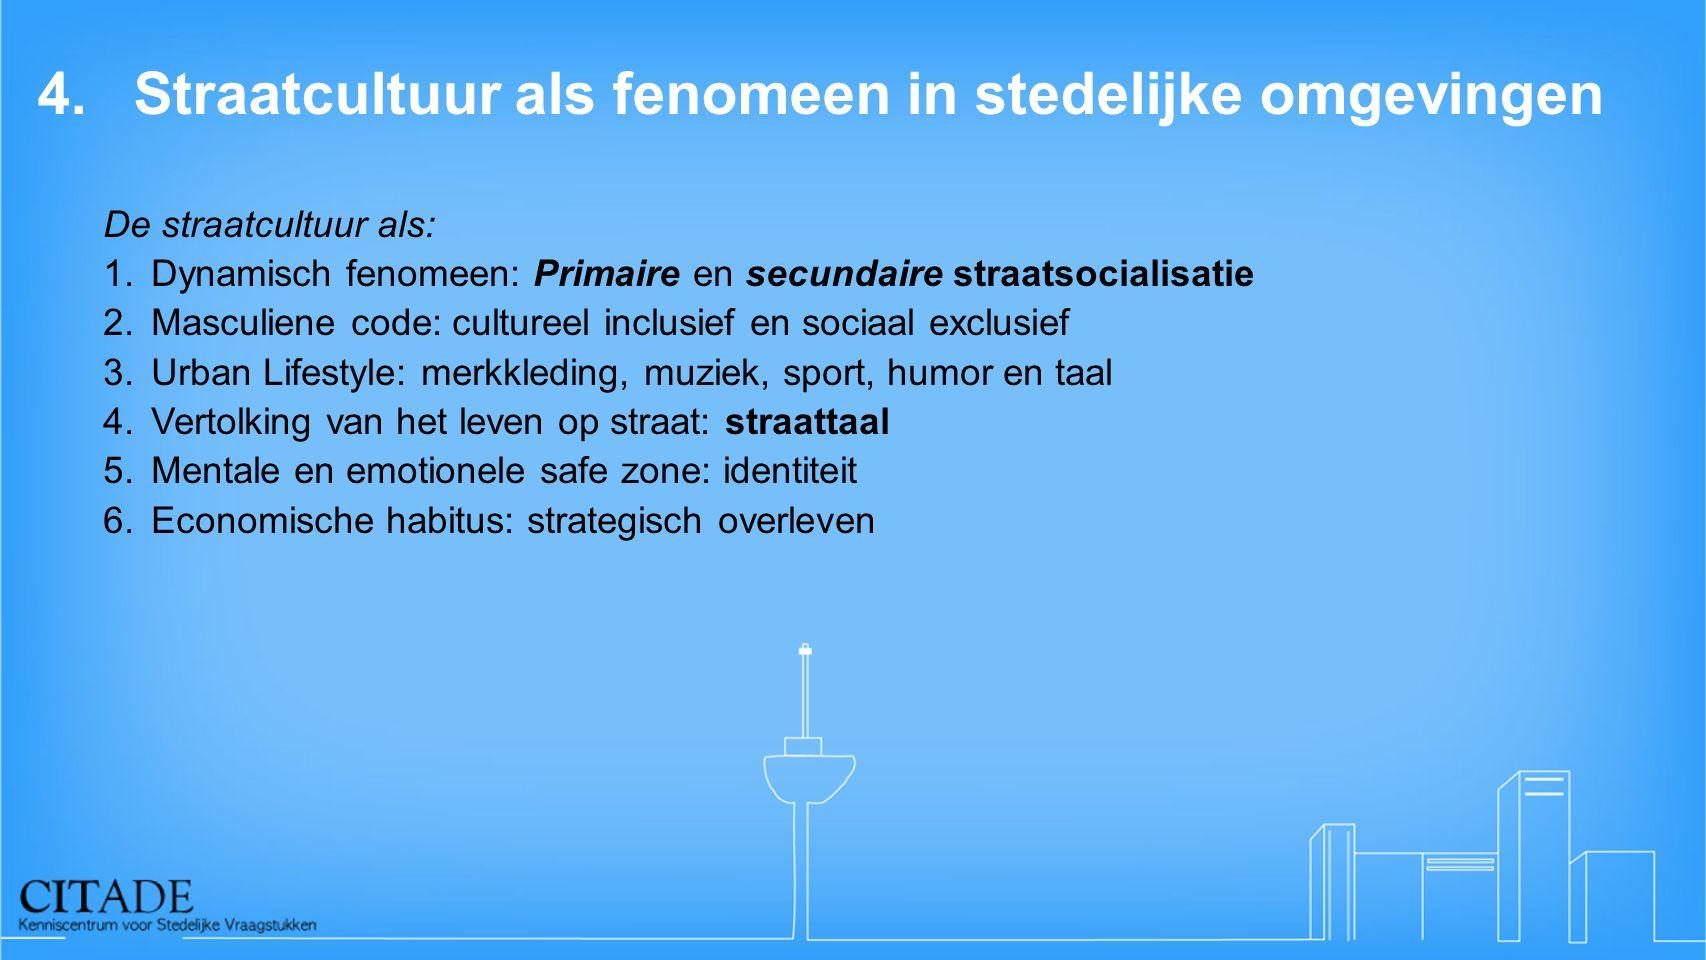 4. Straatcultuur als fenomeen in stedelijke omgevingen